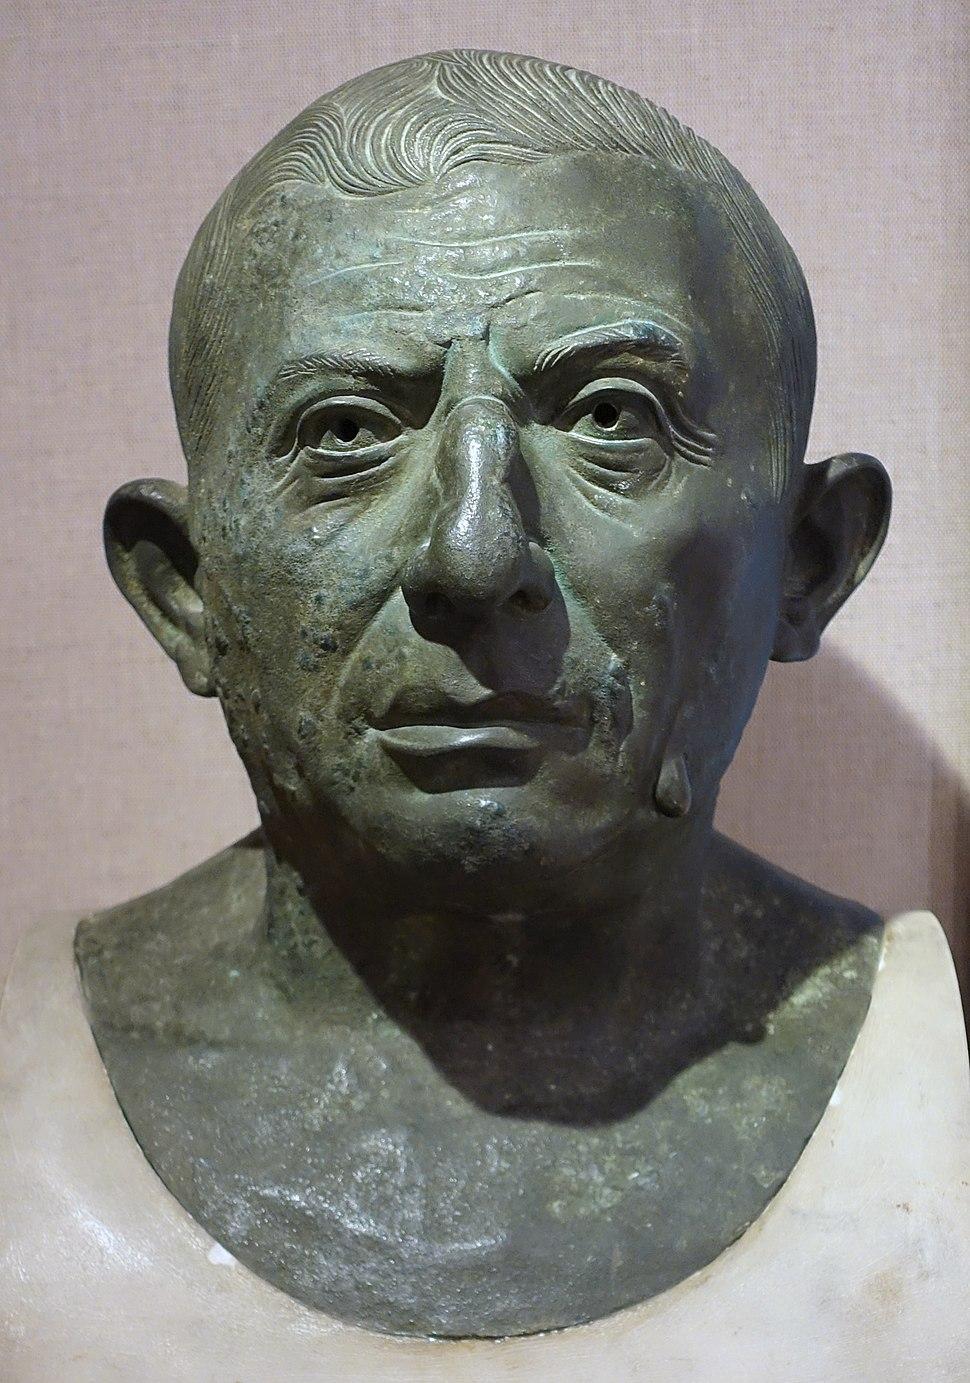 Lucius Caecilius Iucundus, plaster cast of Roman bronze and marble original, House of Caecilius Iucundus (V-i-26), Pompeii, c. 79 AD, National Archaeological Museum, Naples - Spurlock Museum, UIUC - DSC05672 (cropped)